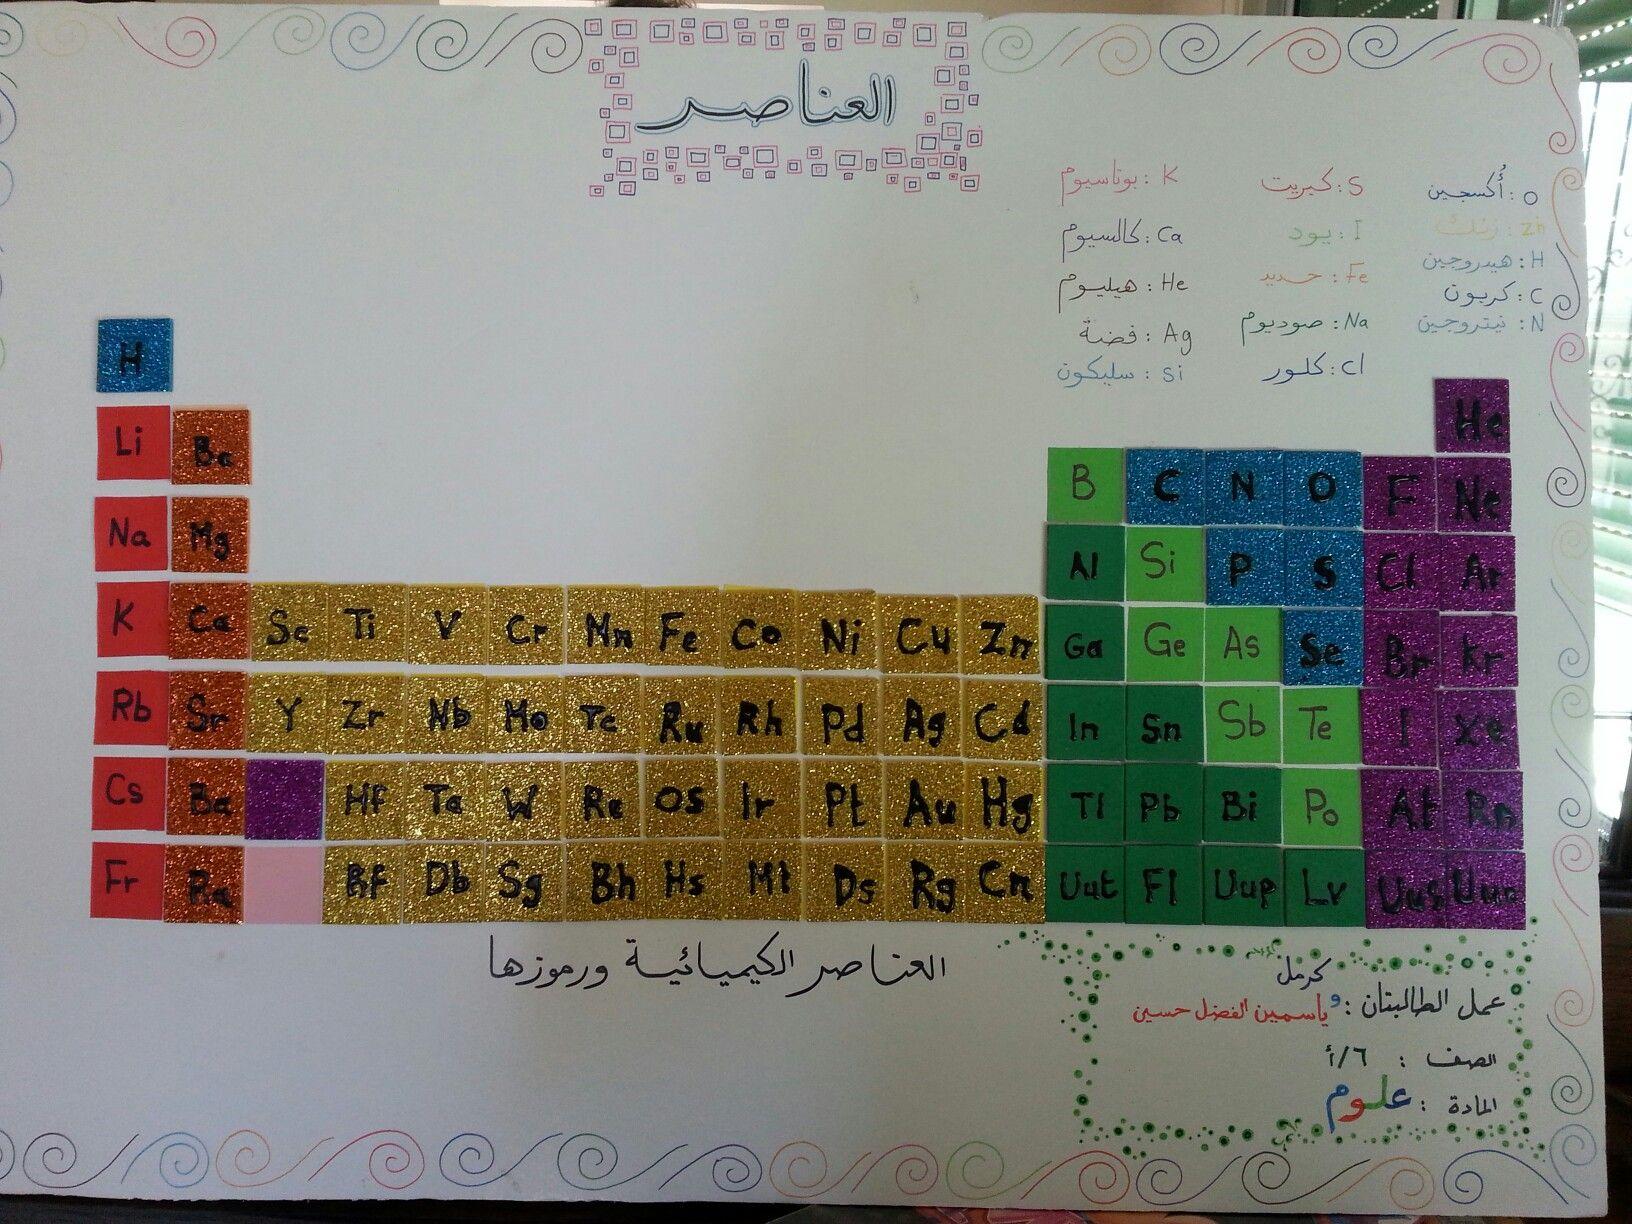 أسماء ورموز بعض العناصر الكيميائية Arabic Jokes Projects Periodic Table